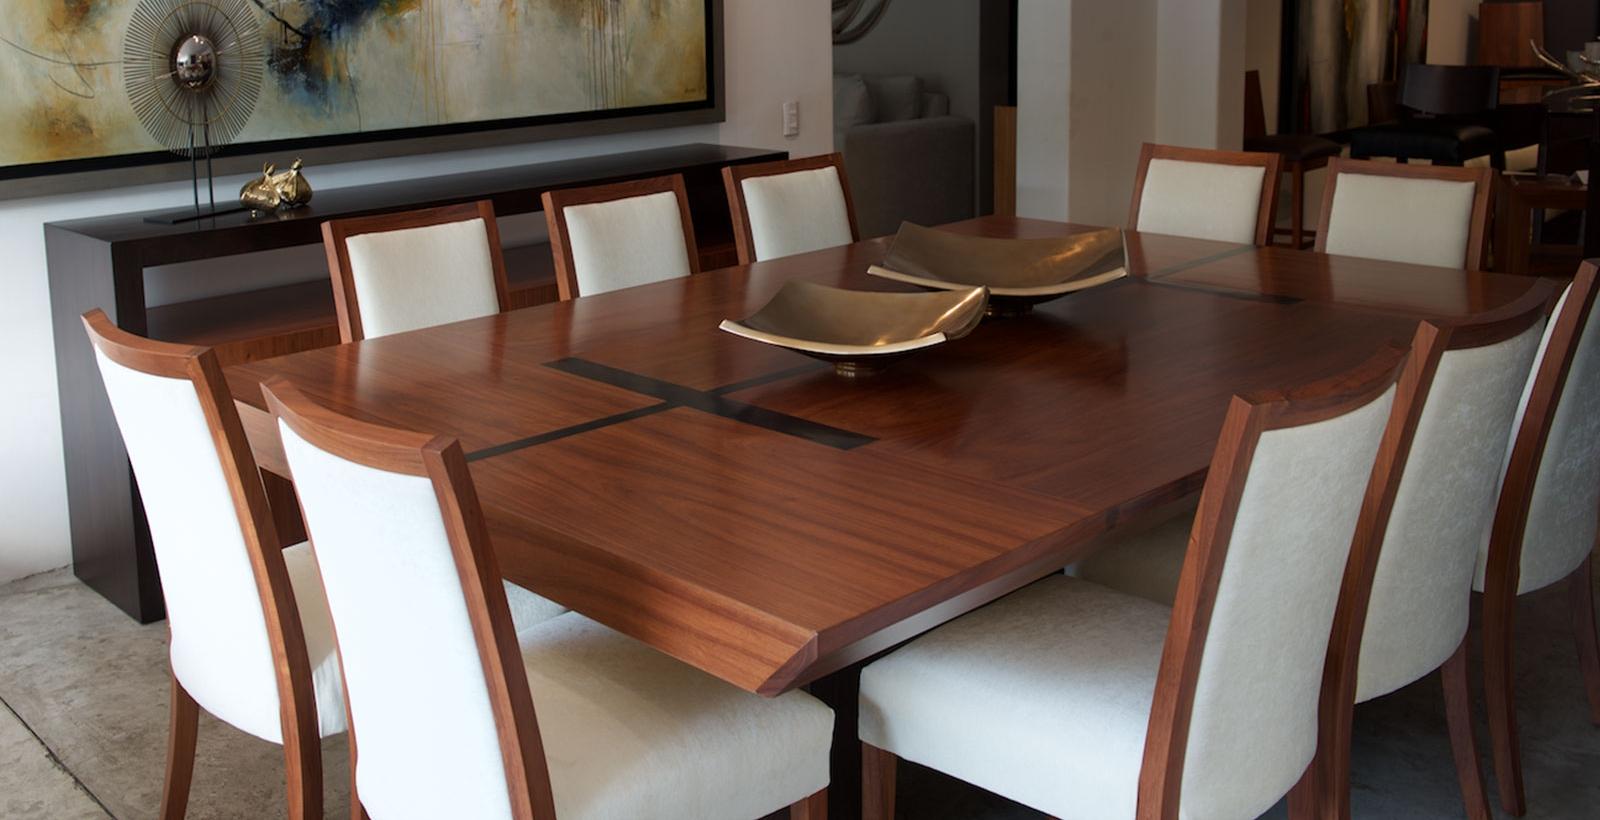 rojo oxido muebles finos de madera muebles mexicanos